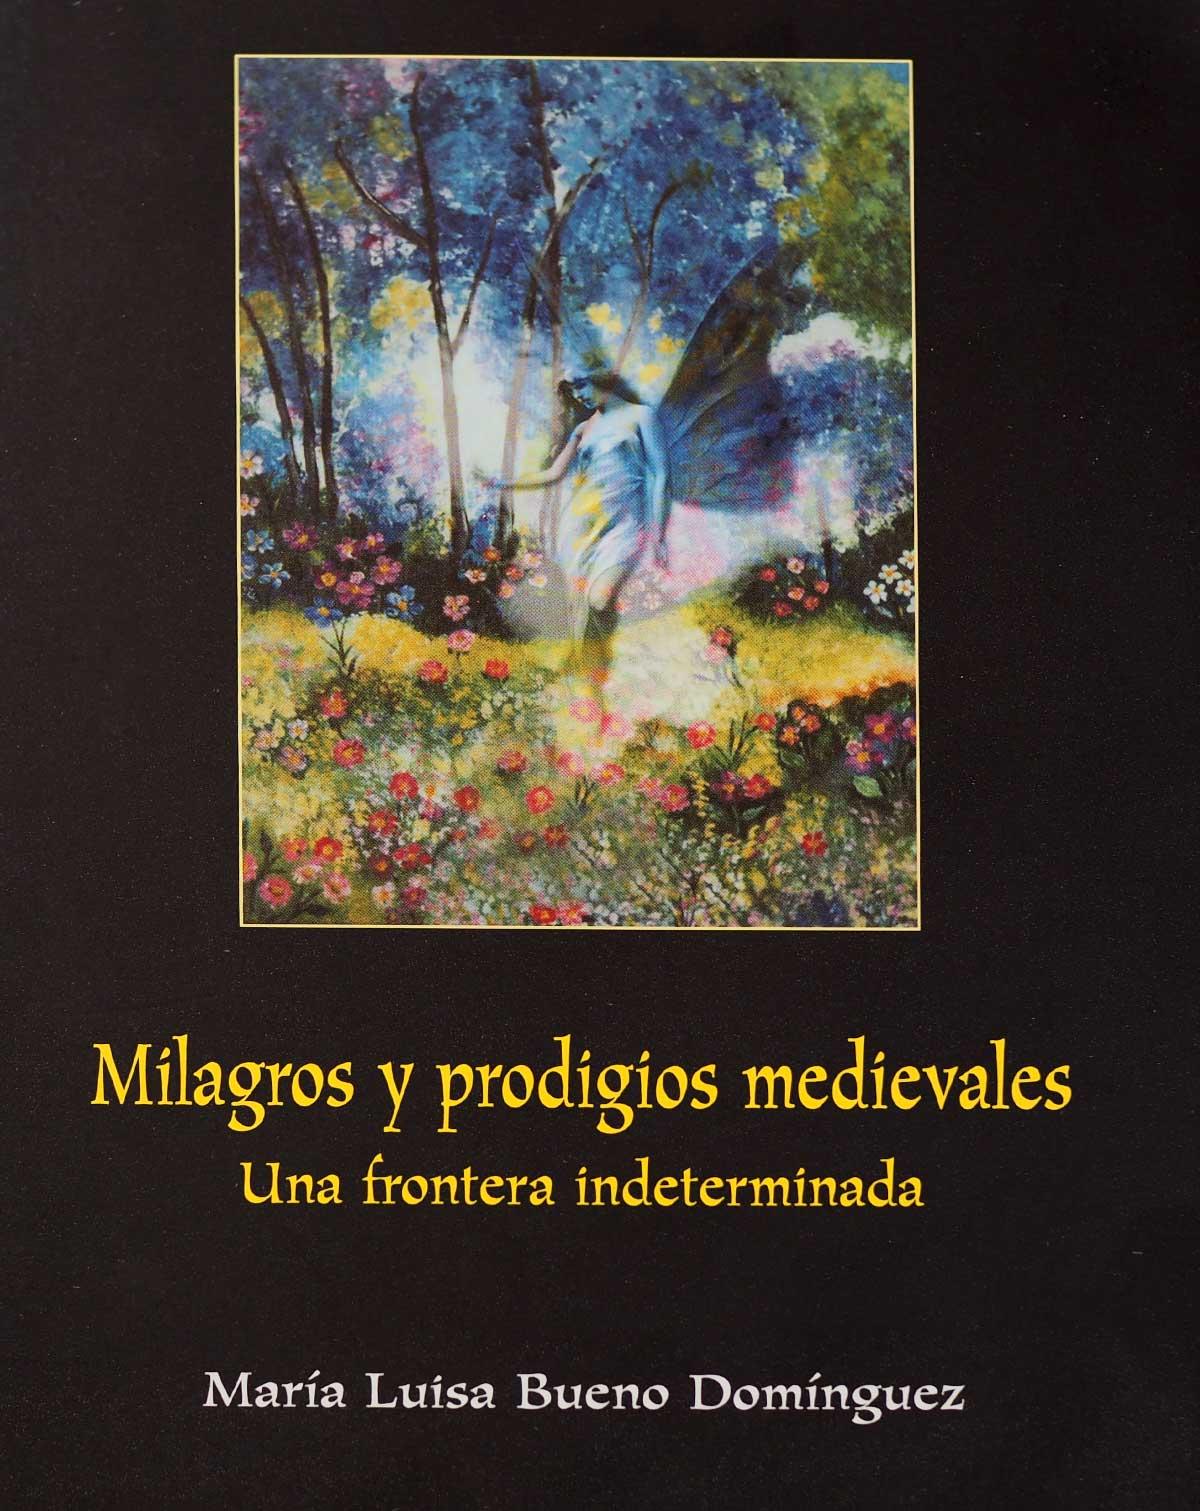 milagros-prodigios-medievales-maria-luisa-bueno-dominguez-editorial-semuret